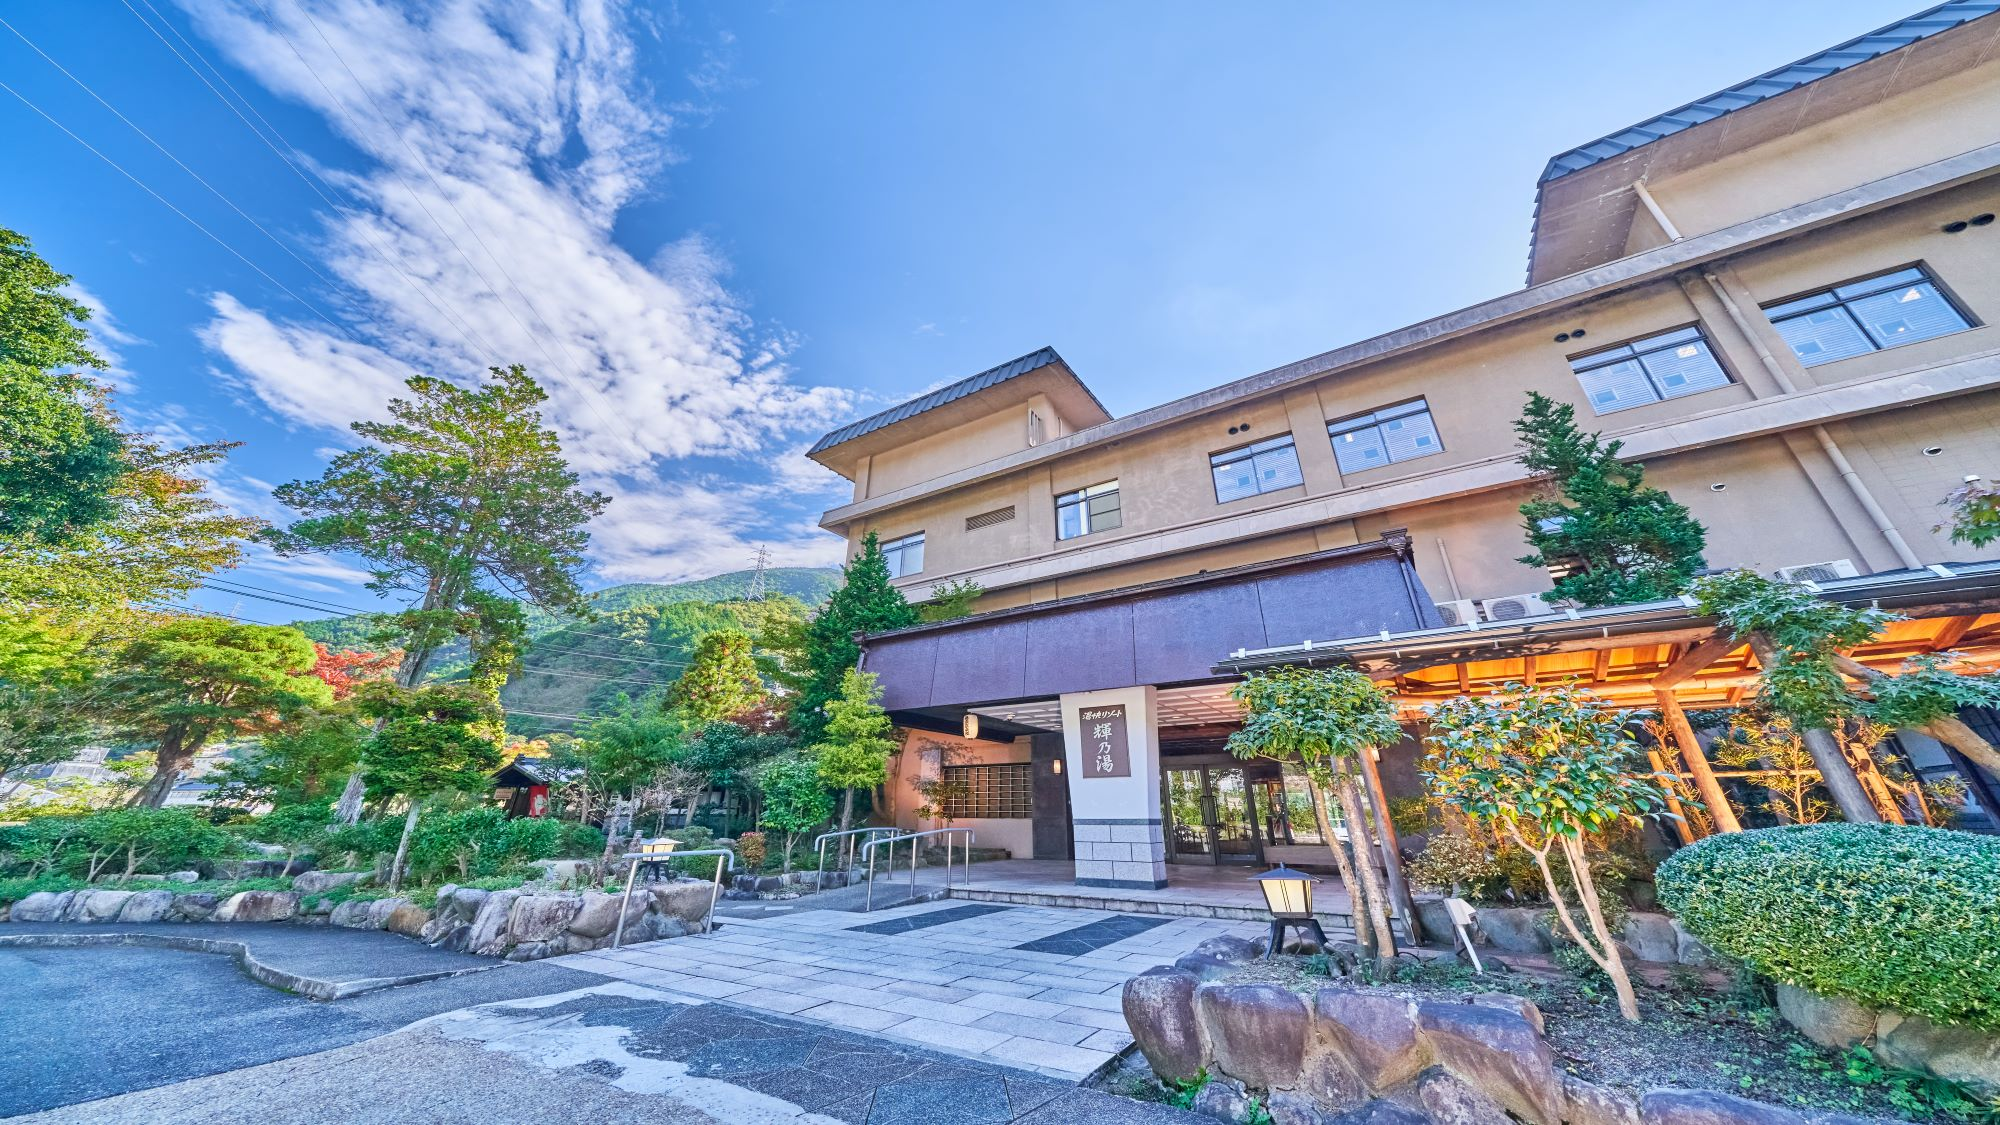 全員同じ部屋に泊まれる4人部屋のある湯原温泉の宿を教えてください!学生なので予算は2万円以内です!